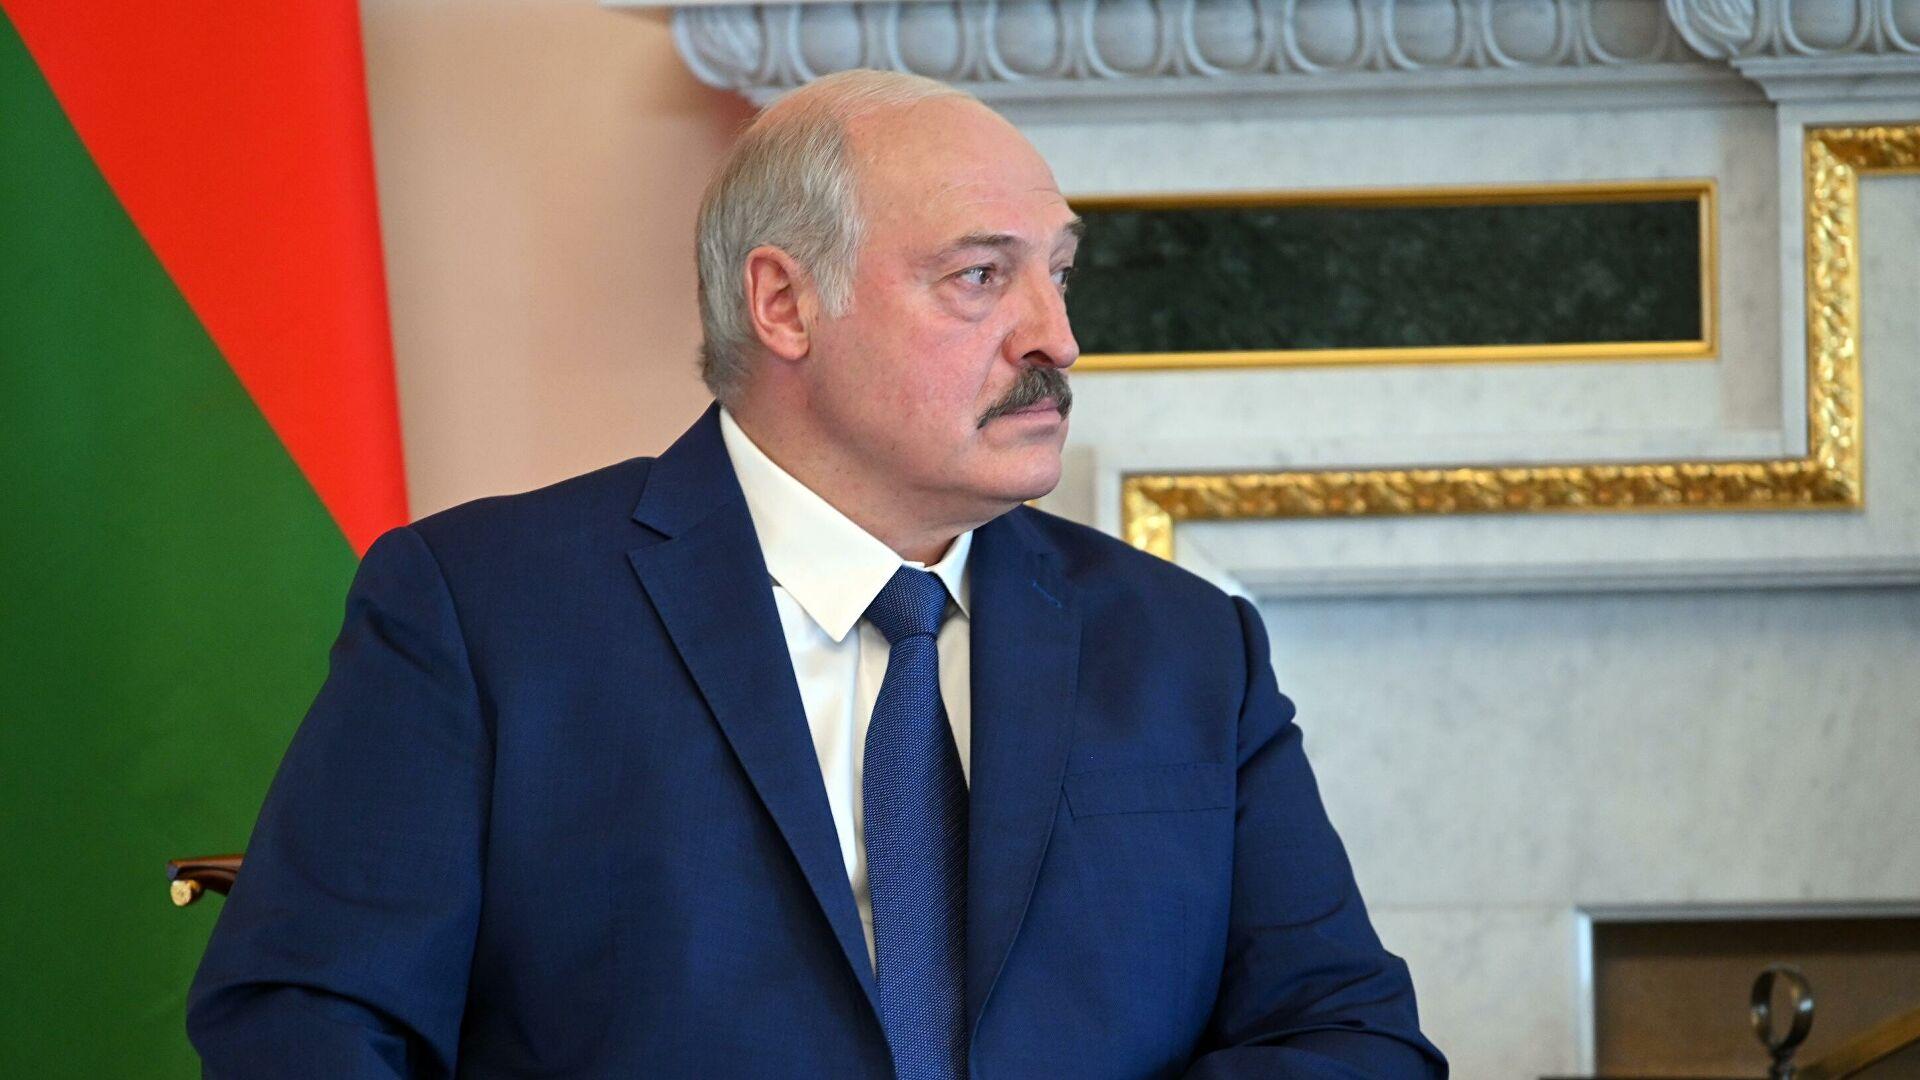 Лукашенко: Иза провокација стоје САД и њихове специјалне службе